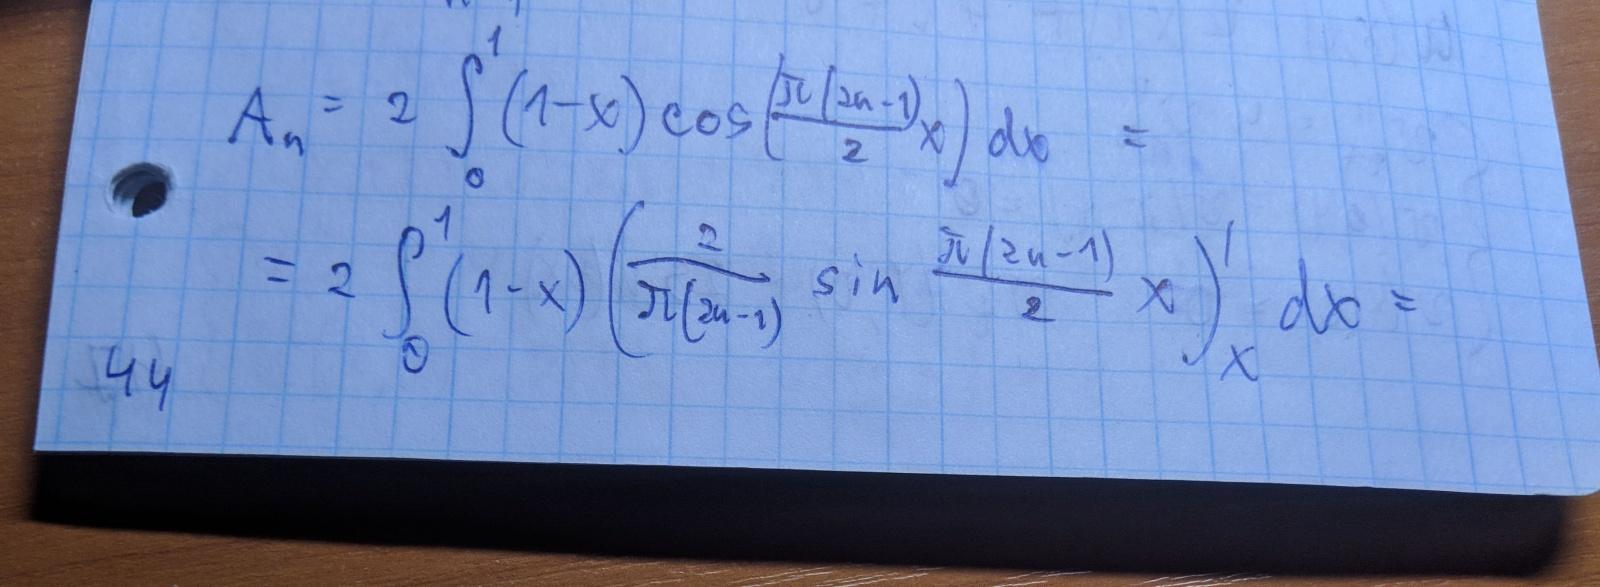 Рационализируем процесс письма в блочной тетради - 1